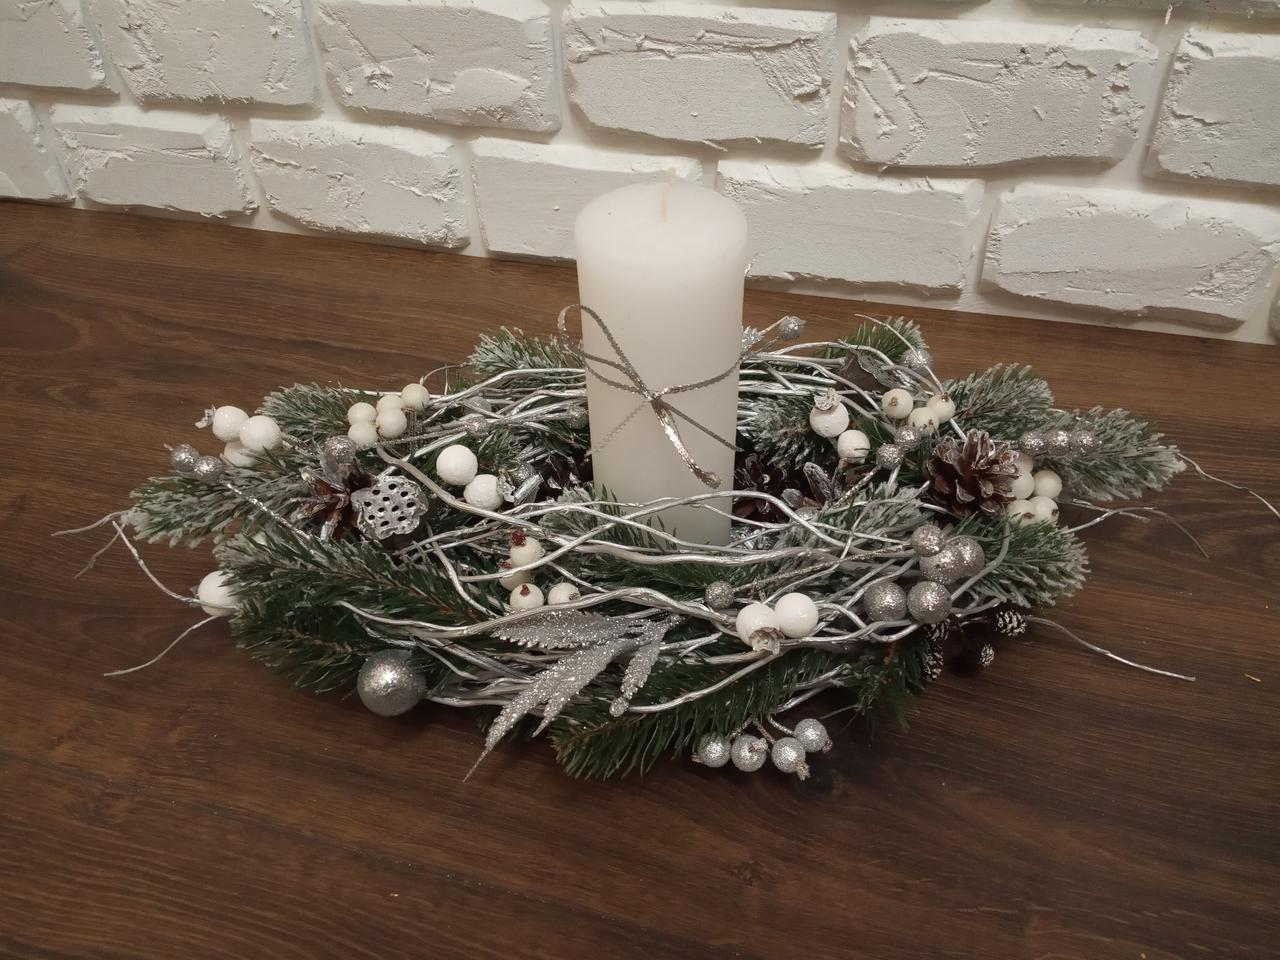 Композиція Новорічна зі свічкою на стіл, Різдвяна свічка. Підсвічник Новорічний, Різдвяний зі свічкою,